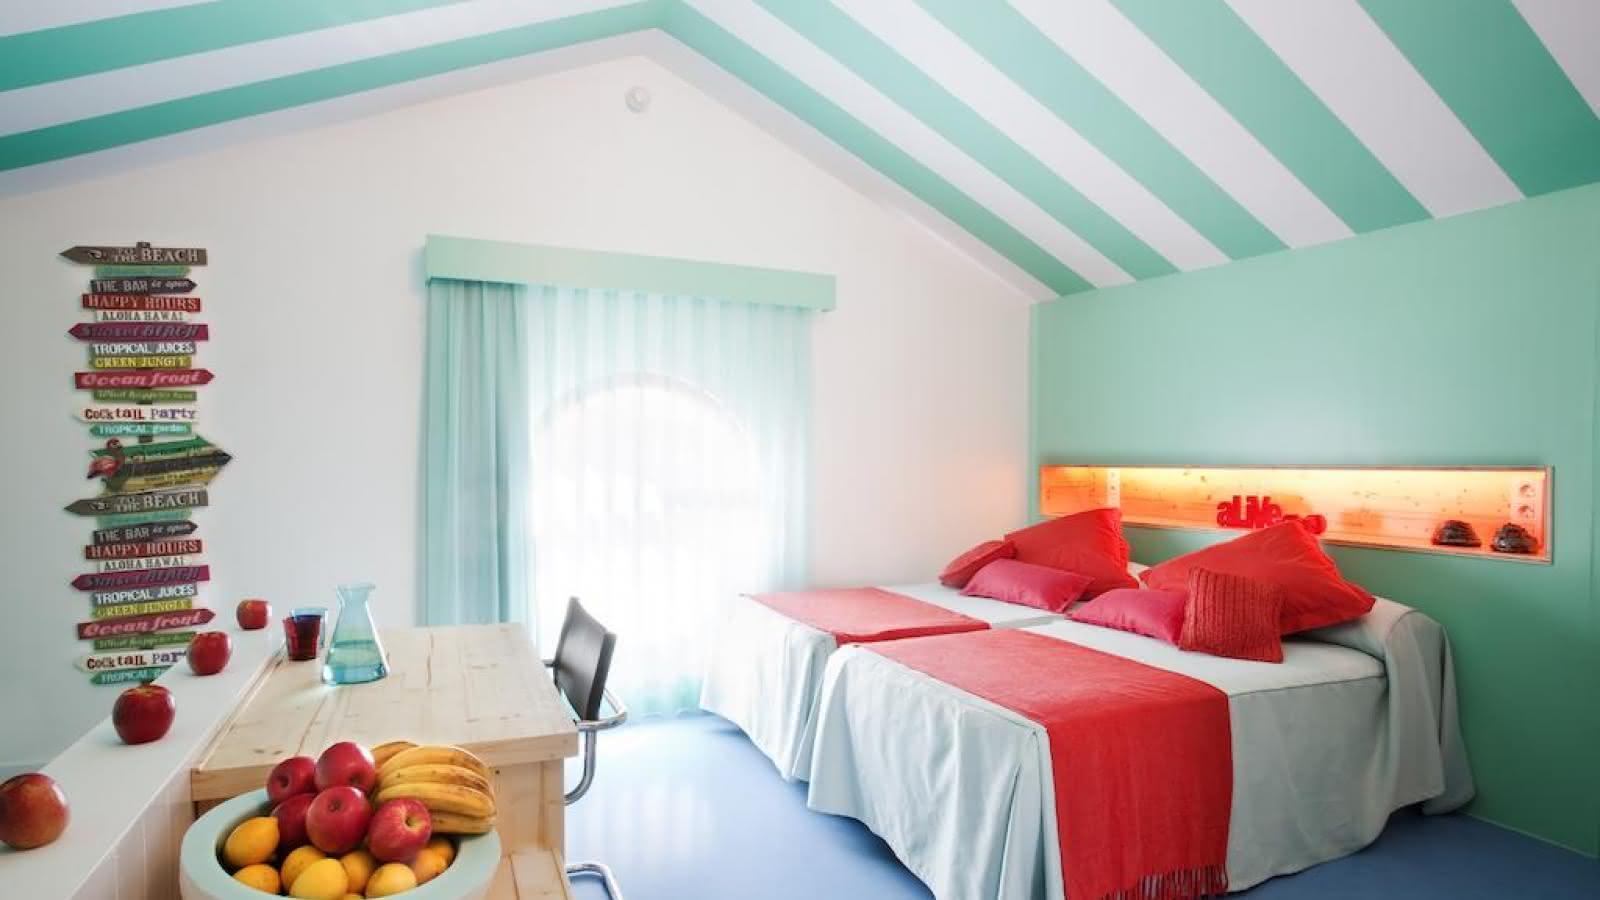 amistat bcn hostel